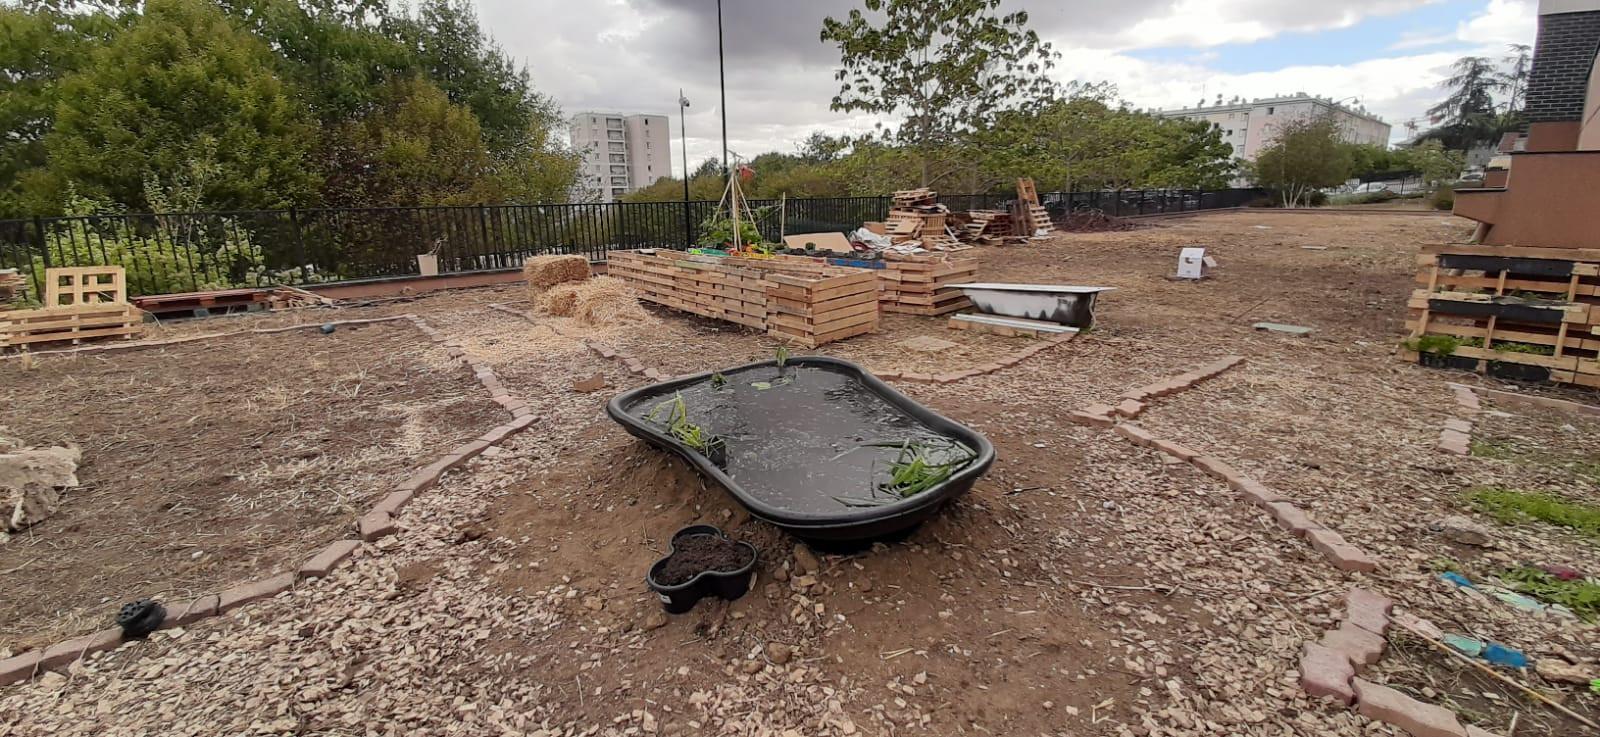 Après le nettoyage, installation des zones du jardin...